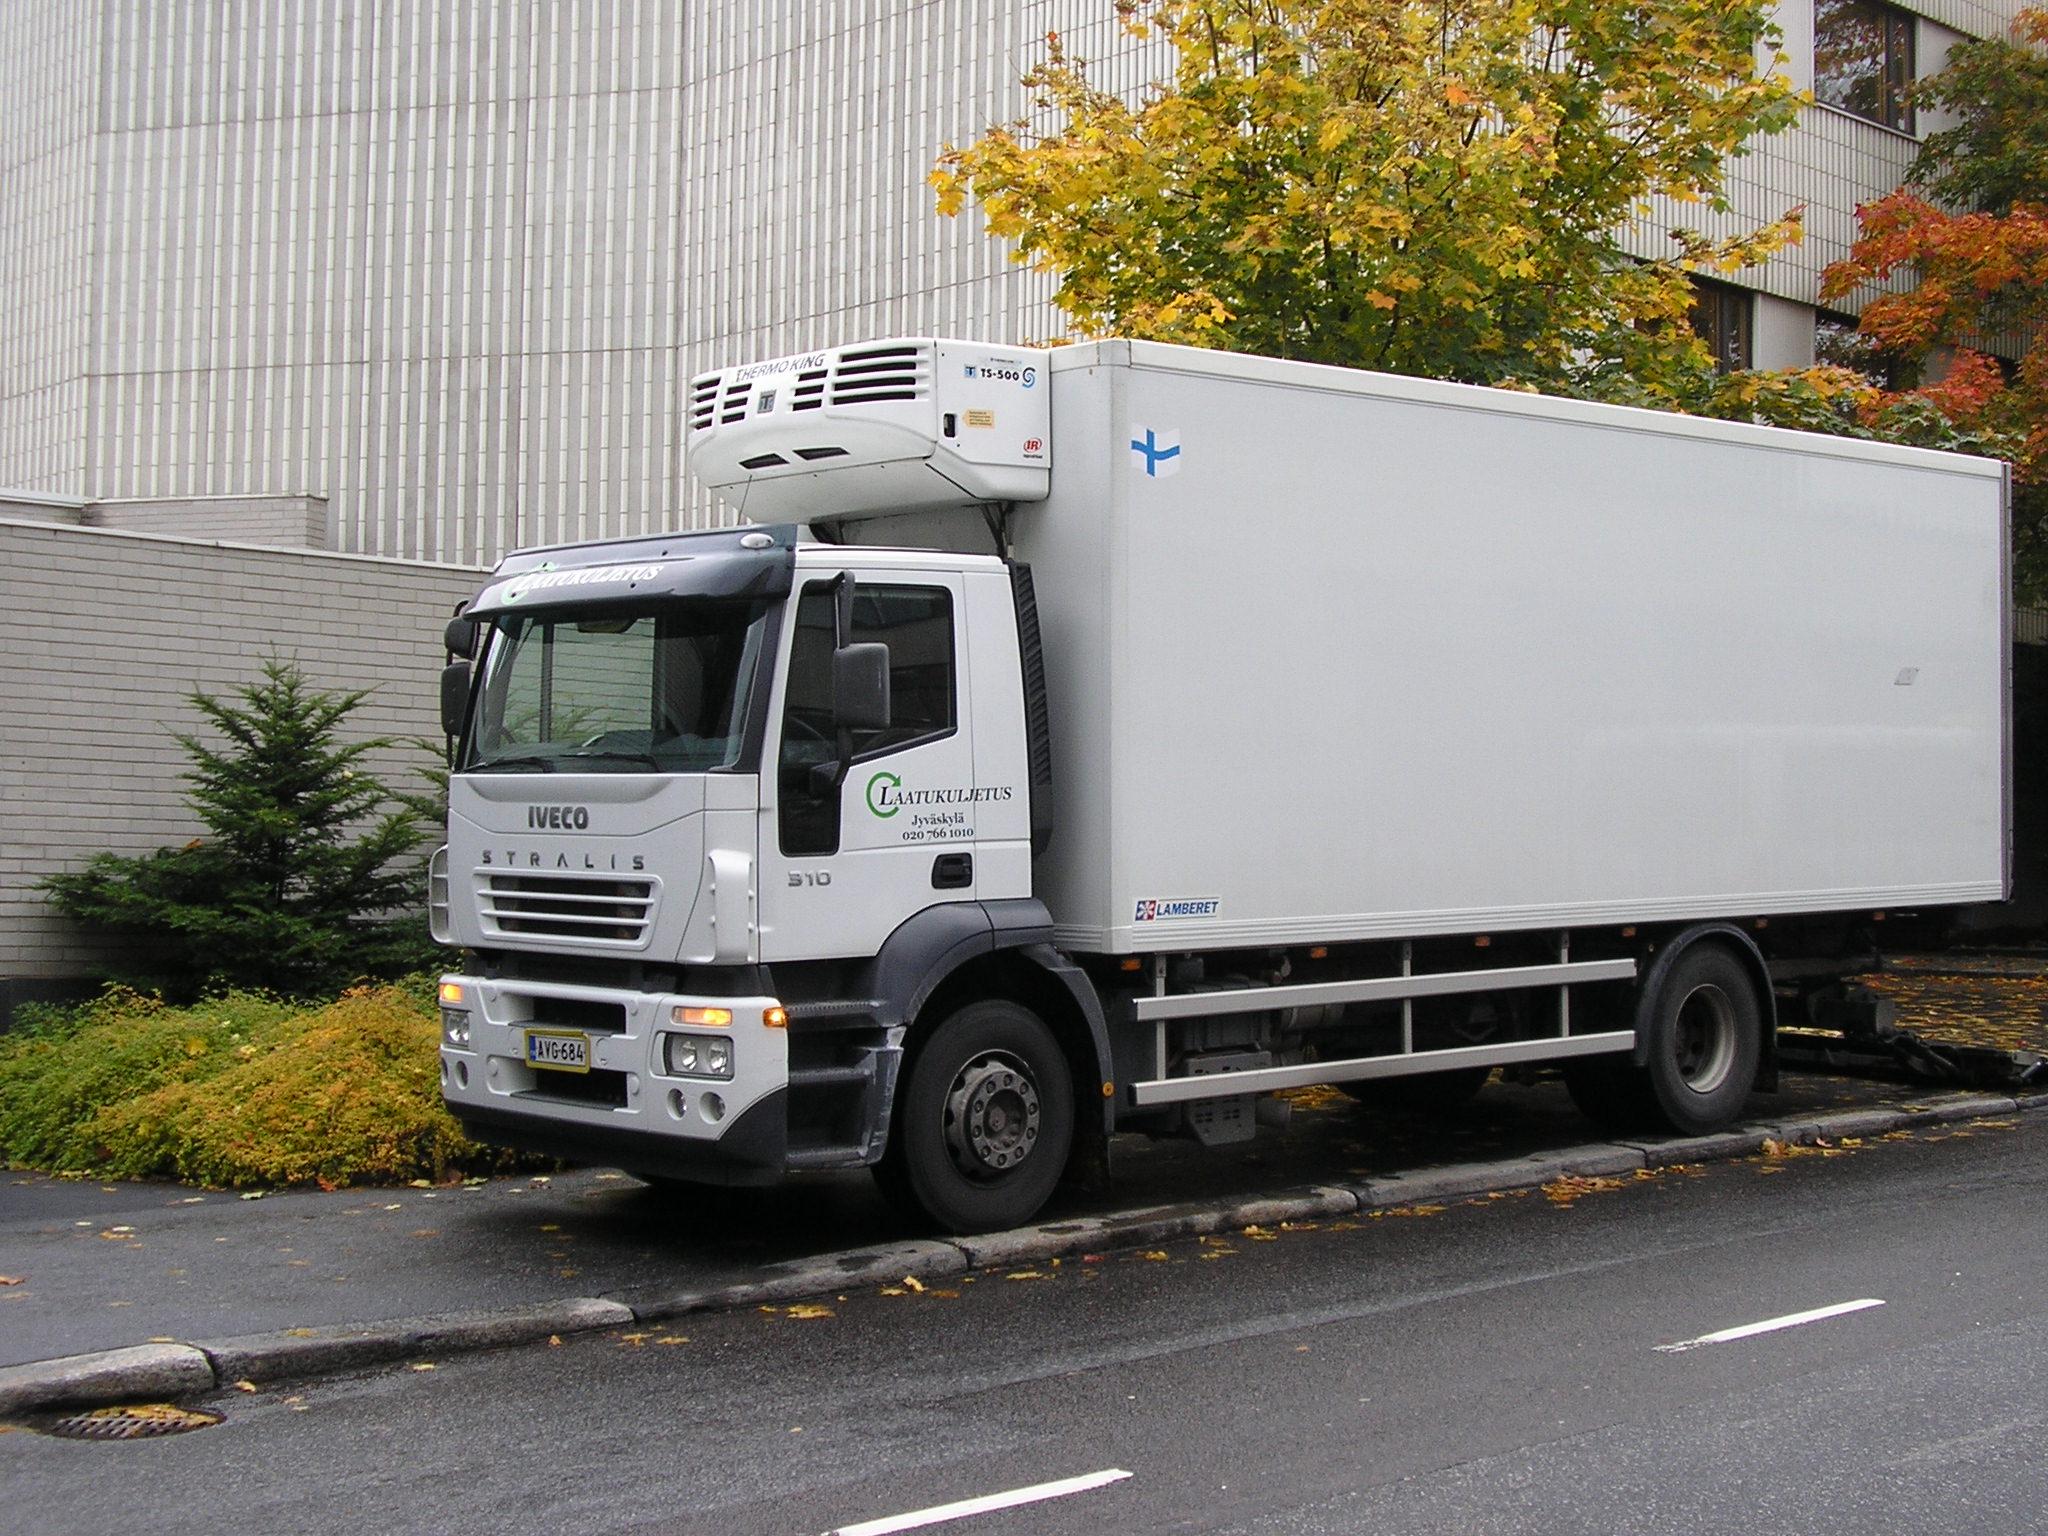 Iveco stralis lorry photo